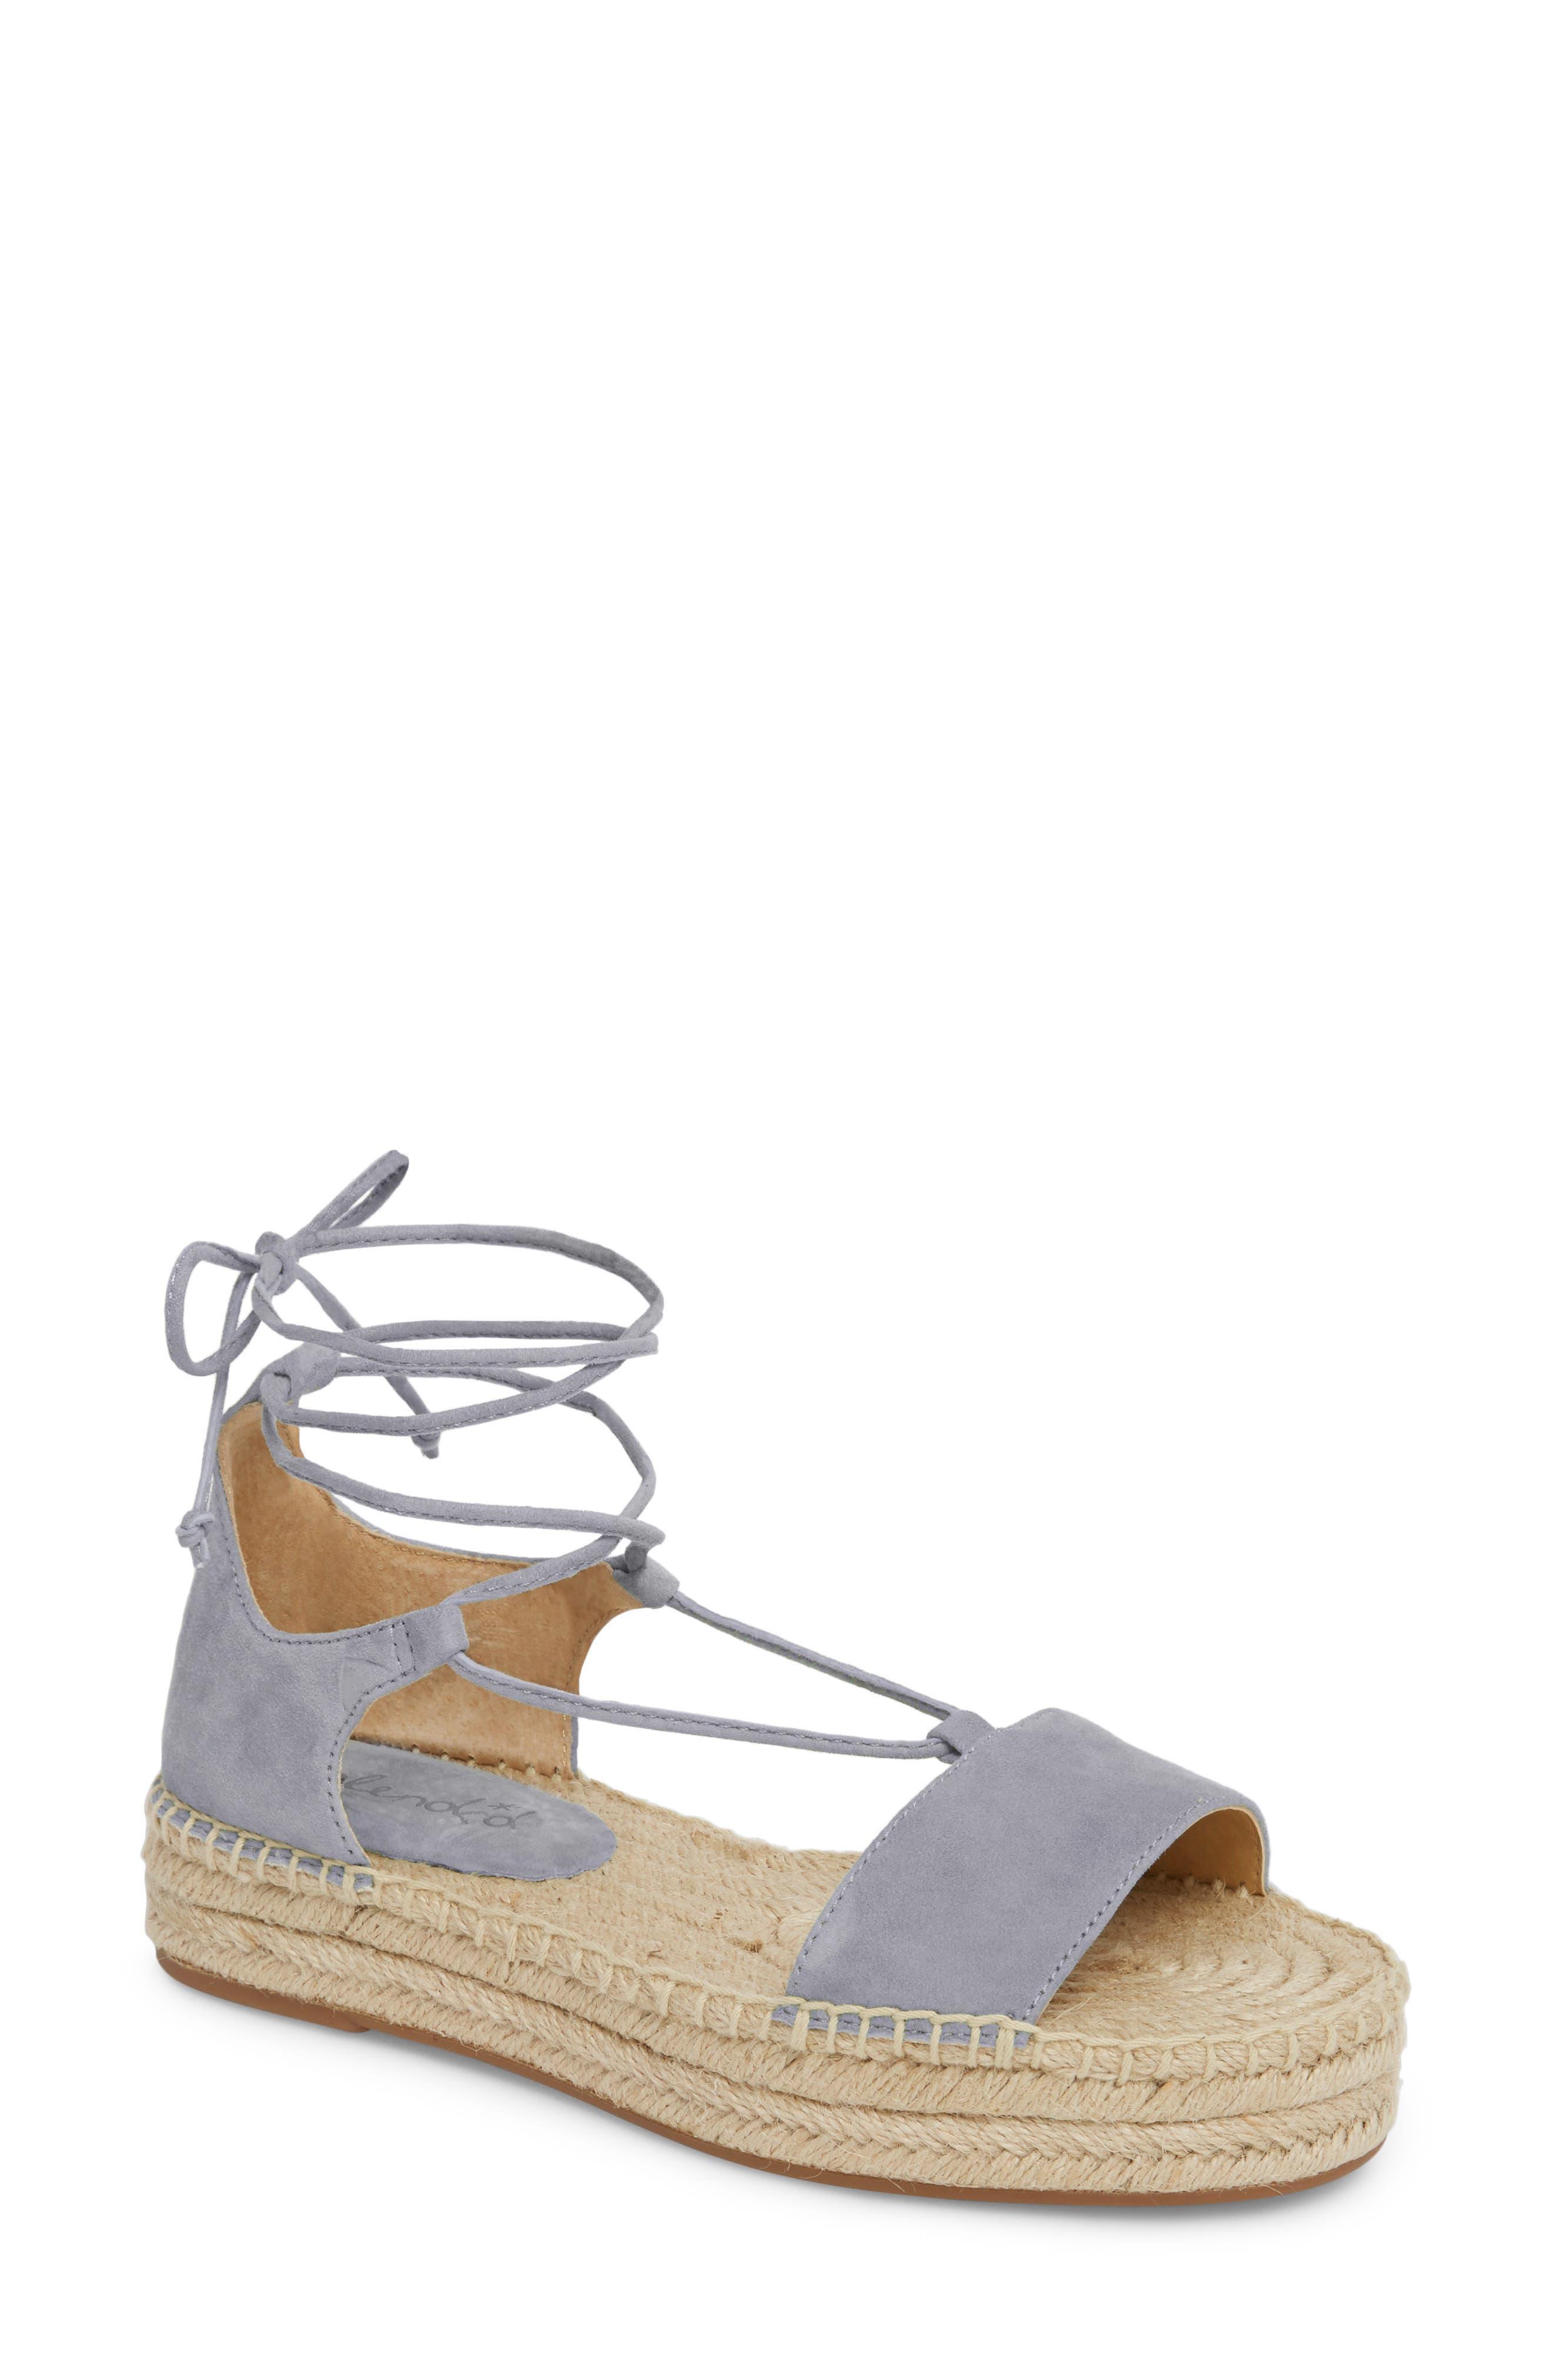 Splendid Fernanda Wraparound Platform Sandal, Grey